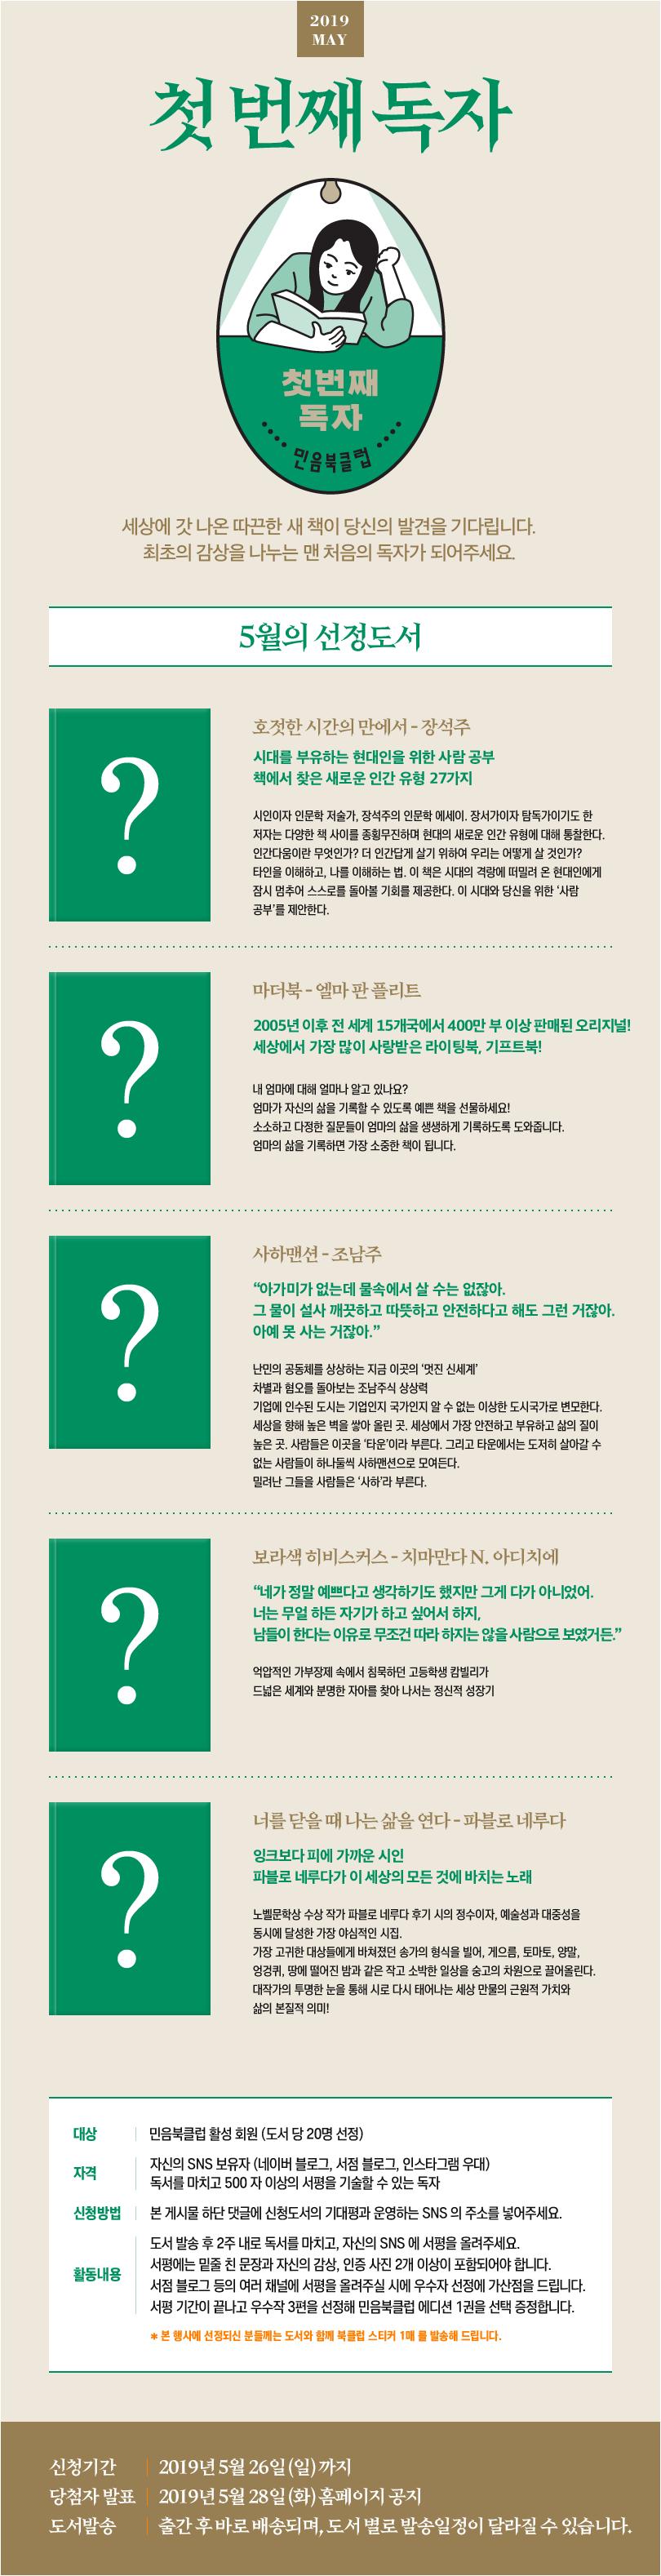 810_민음북클럽_첫번째독자